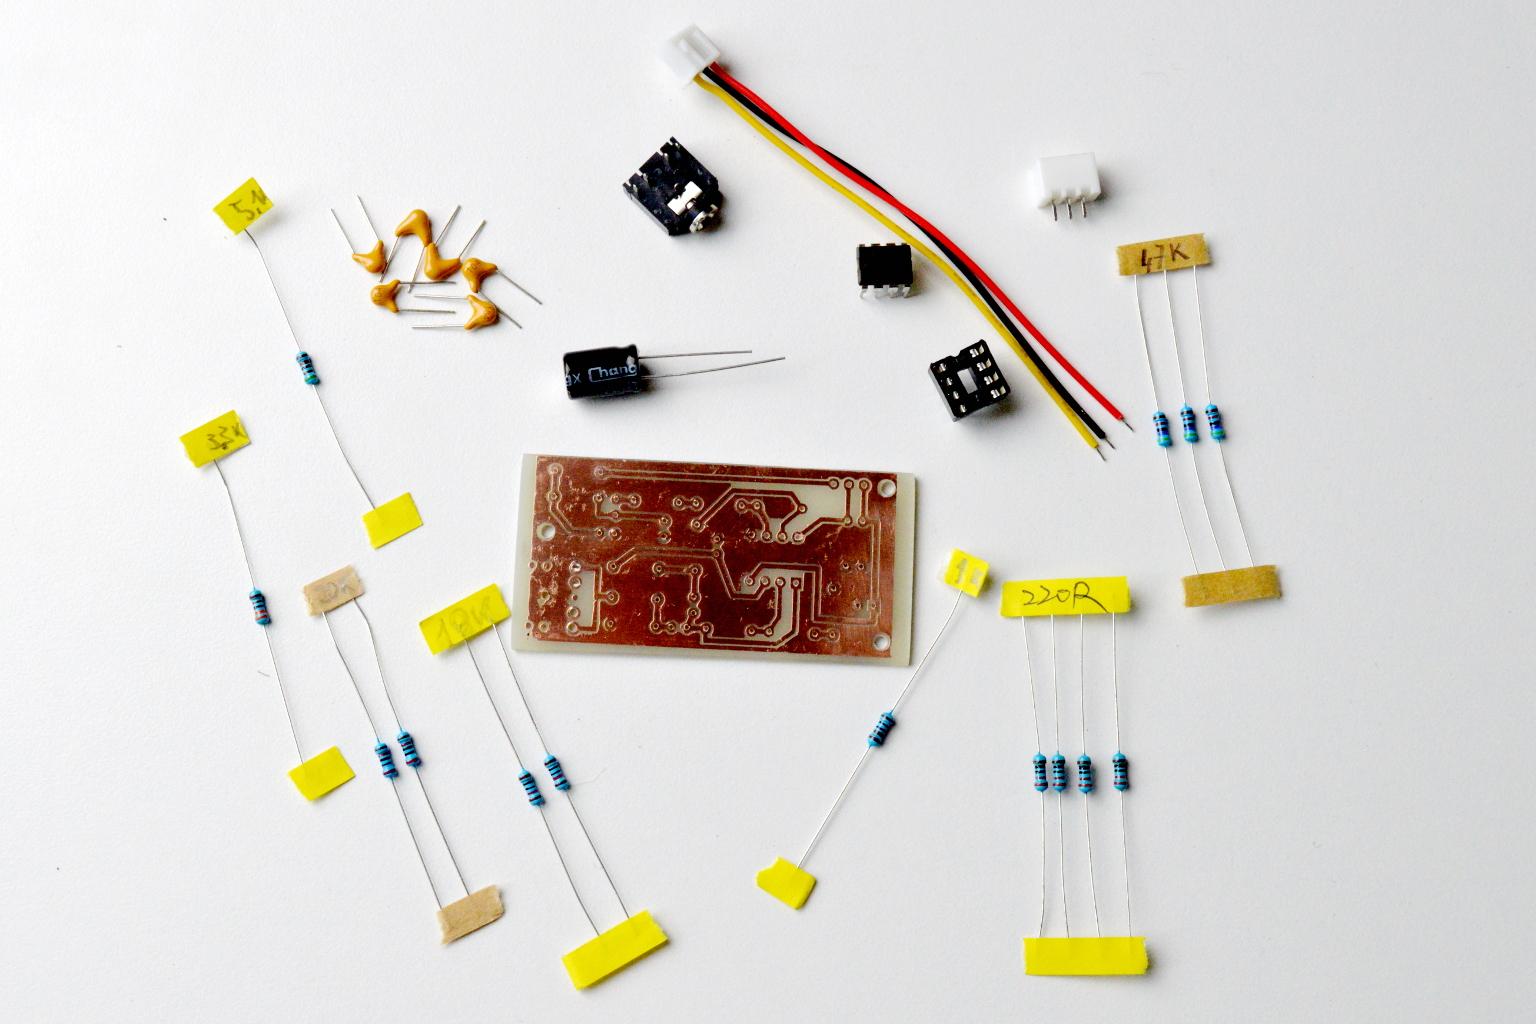 Arduino audio out: AudioBoard per creare suoni con Arduino